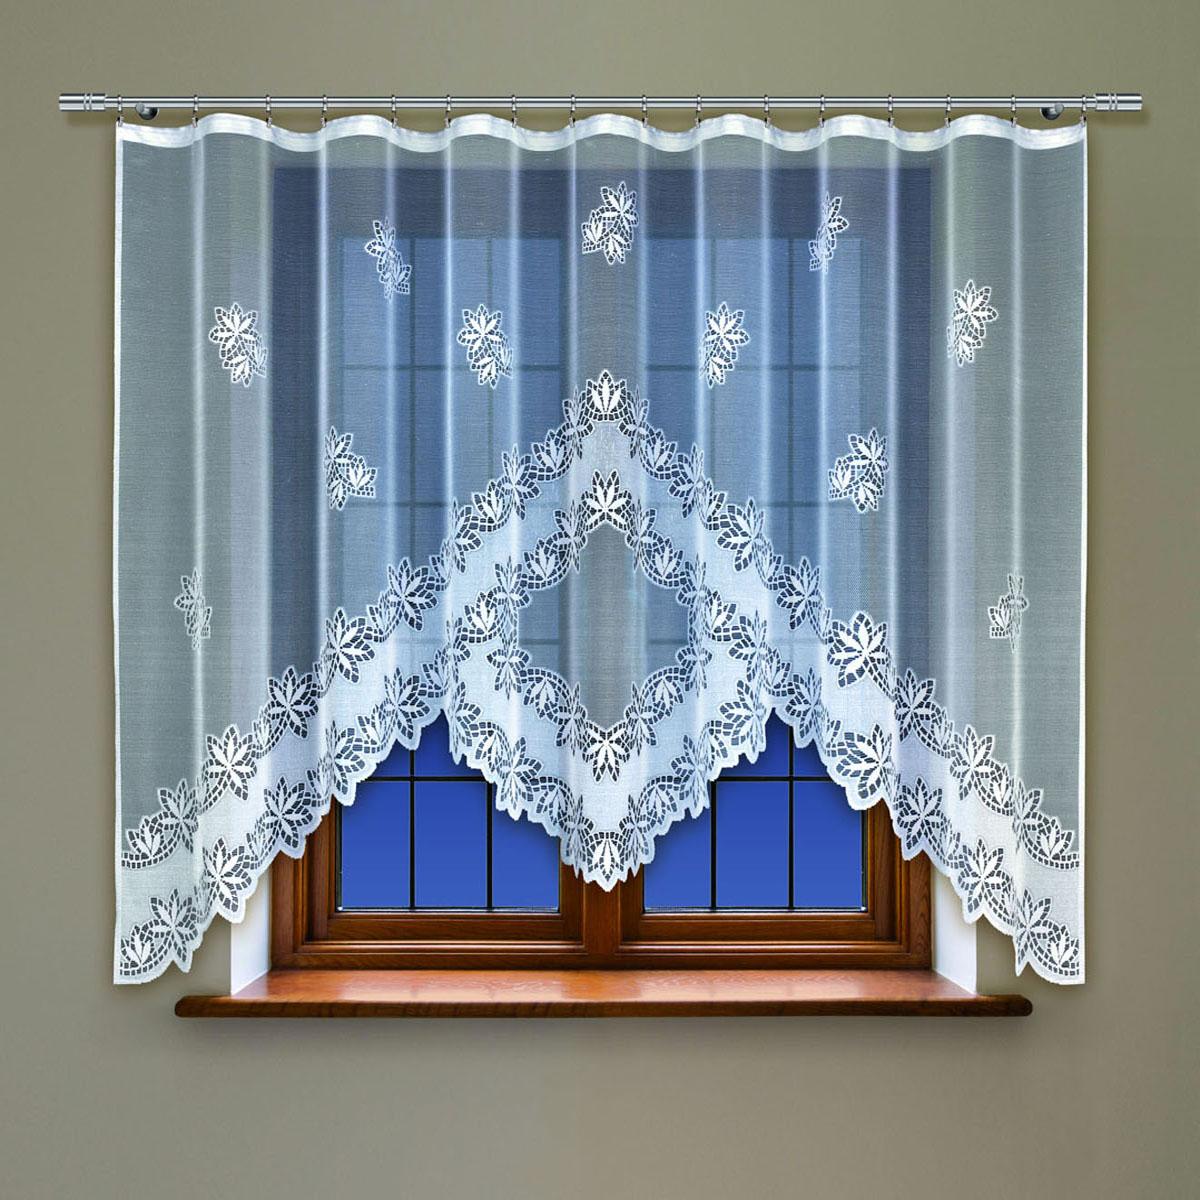 Гардина Haft, цвет: белый, ширина 300 см, высота 160 см. 214360/160214360/160Жаккардовая гардина в кухню белого цвета Размеры: высота 160см * ширина 300см